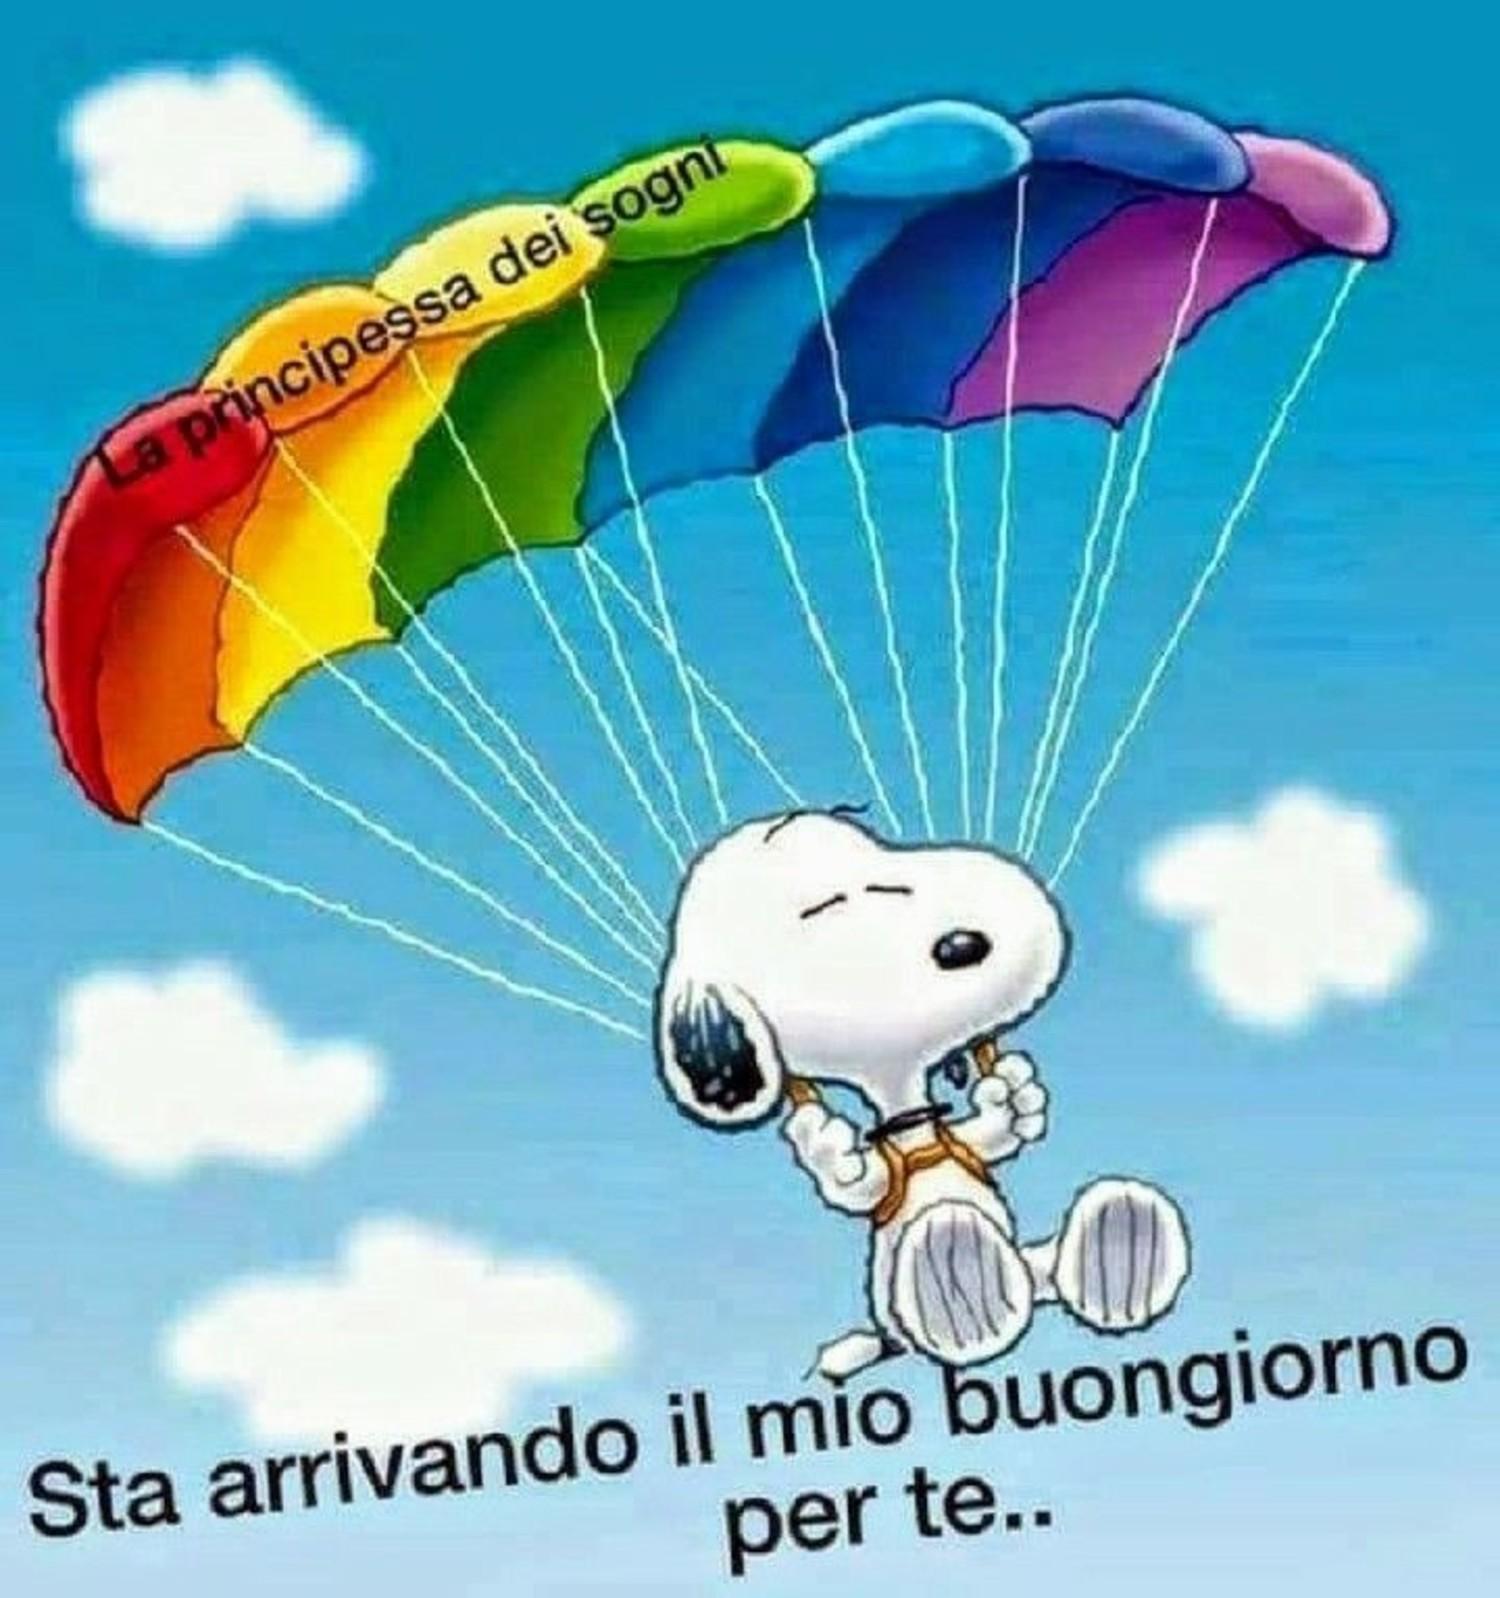 Snoopy sta arrivando il mio Buongiorno per te 49